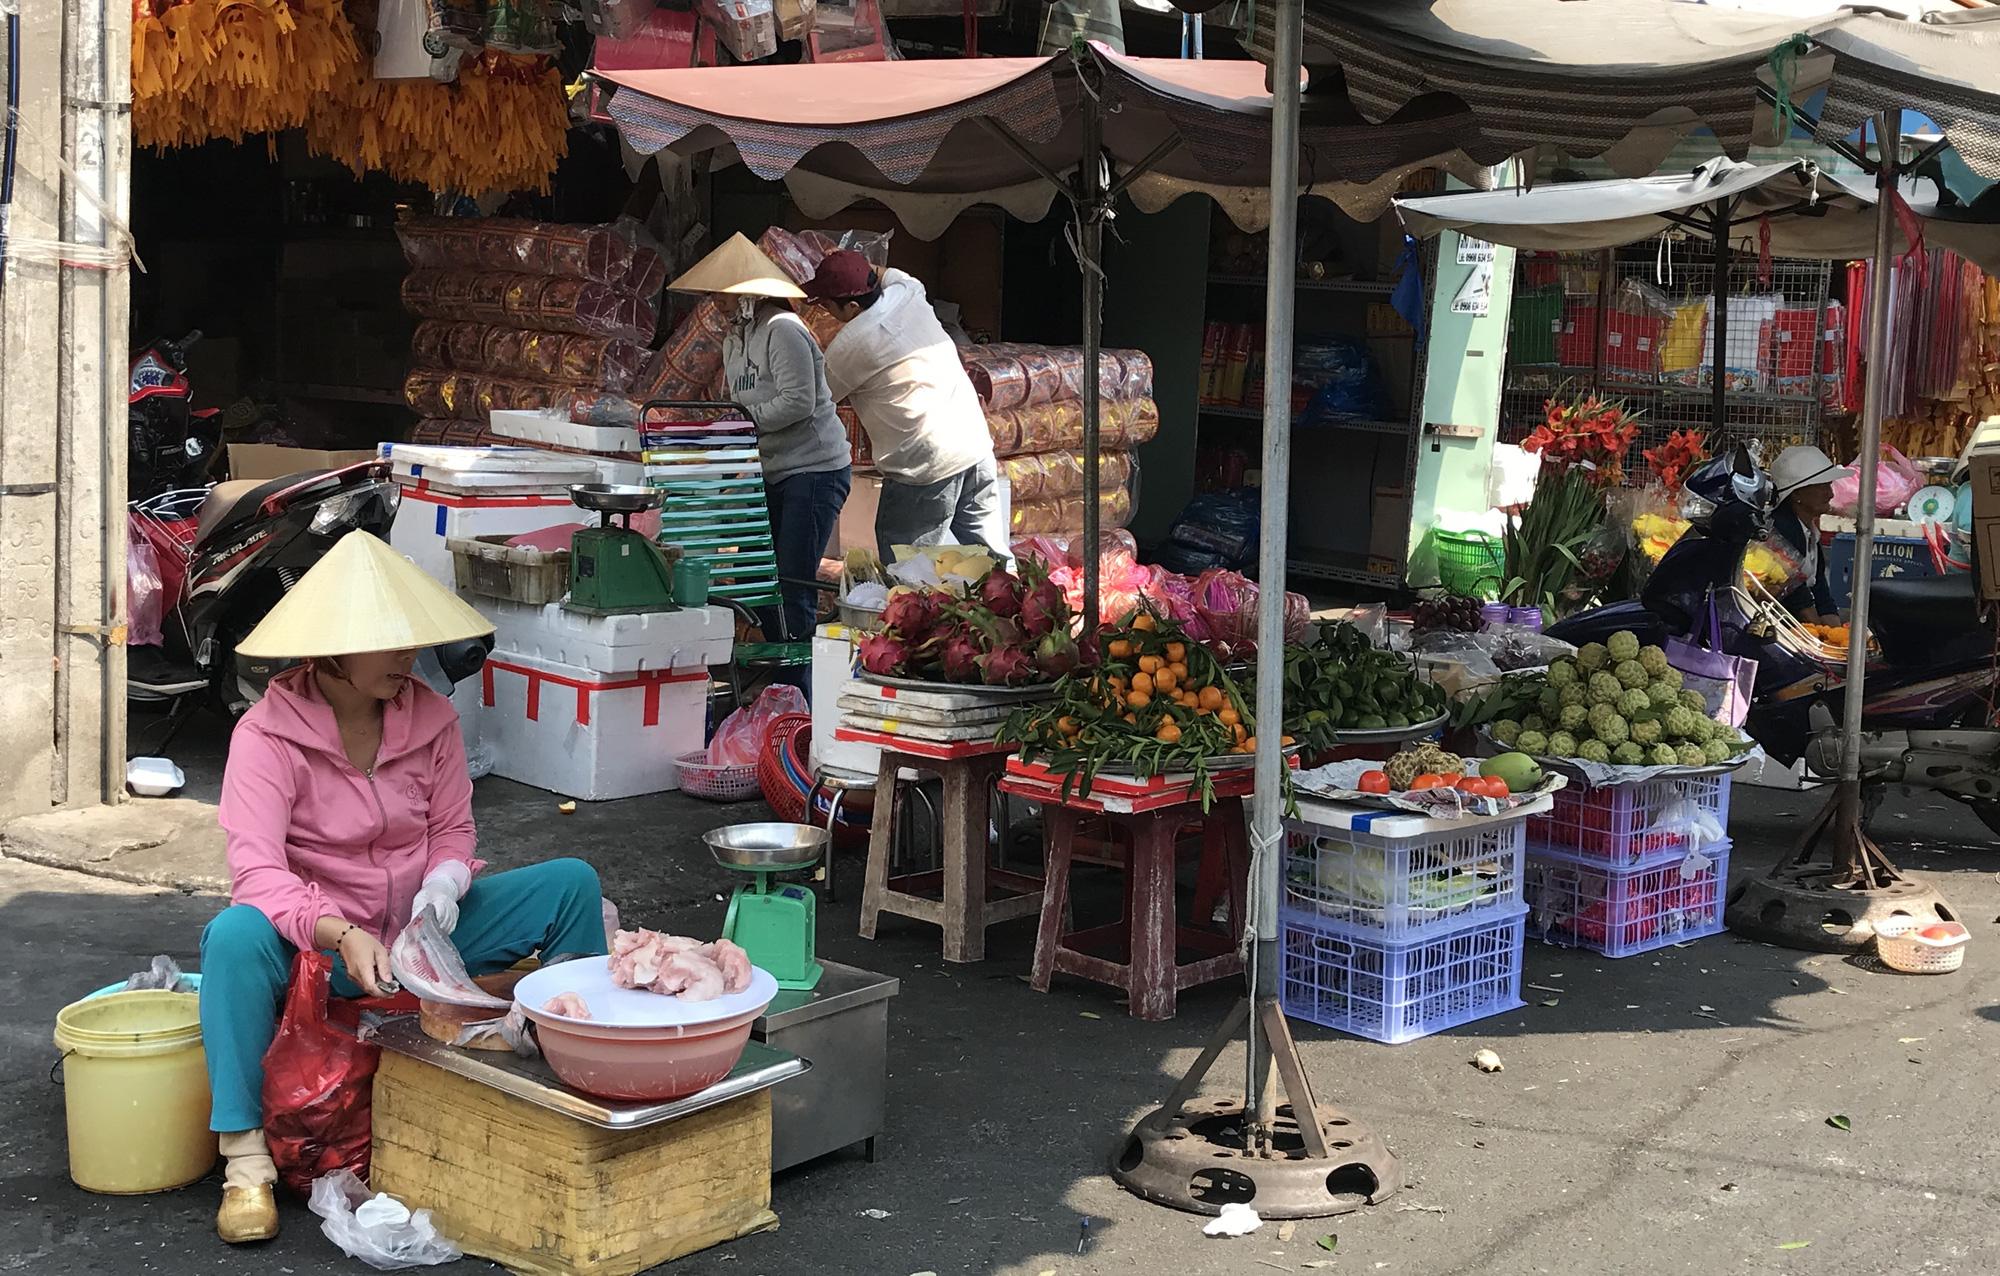 Hàng quán Sài Gòn còn ăn Tết, đóng cửa im ỉm, chưa khai trương dù đã bước qua mùng 7 - Ảnh 10.